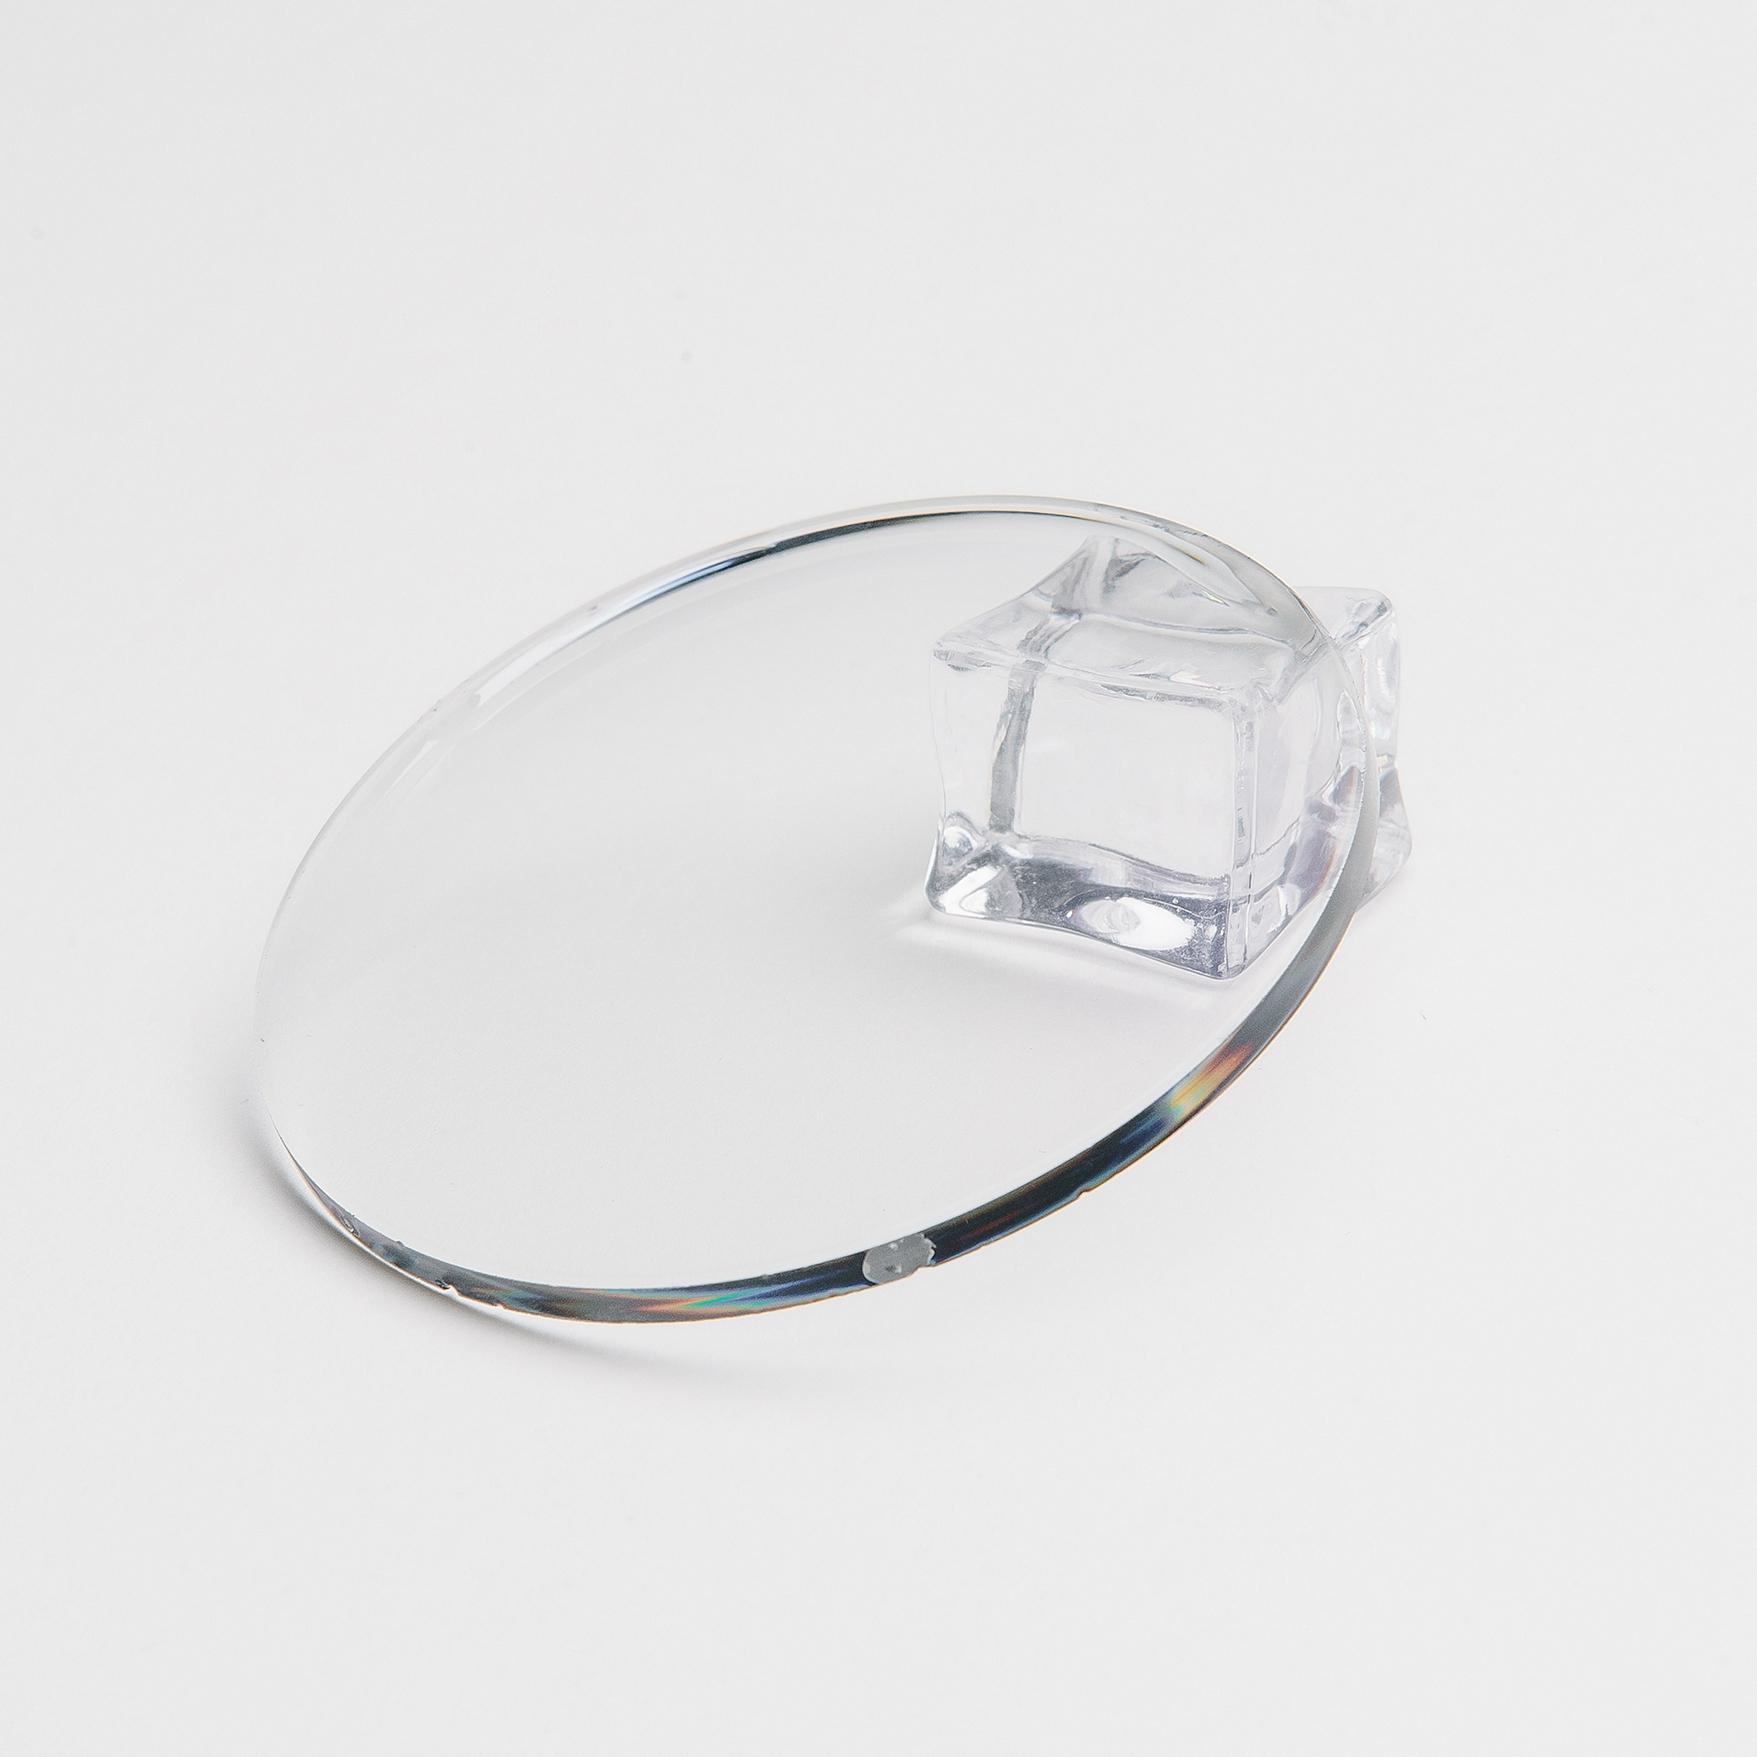 7ed767115 دانيانغ 1.61 مؤسسة حمد الطبية الأزرق قطع القراءة نظارات العدسات ...